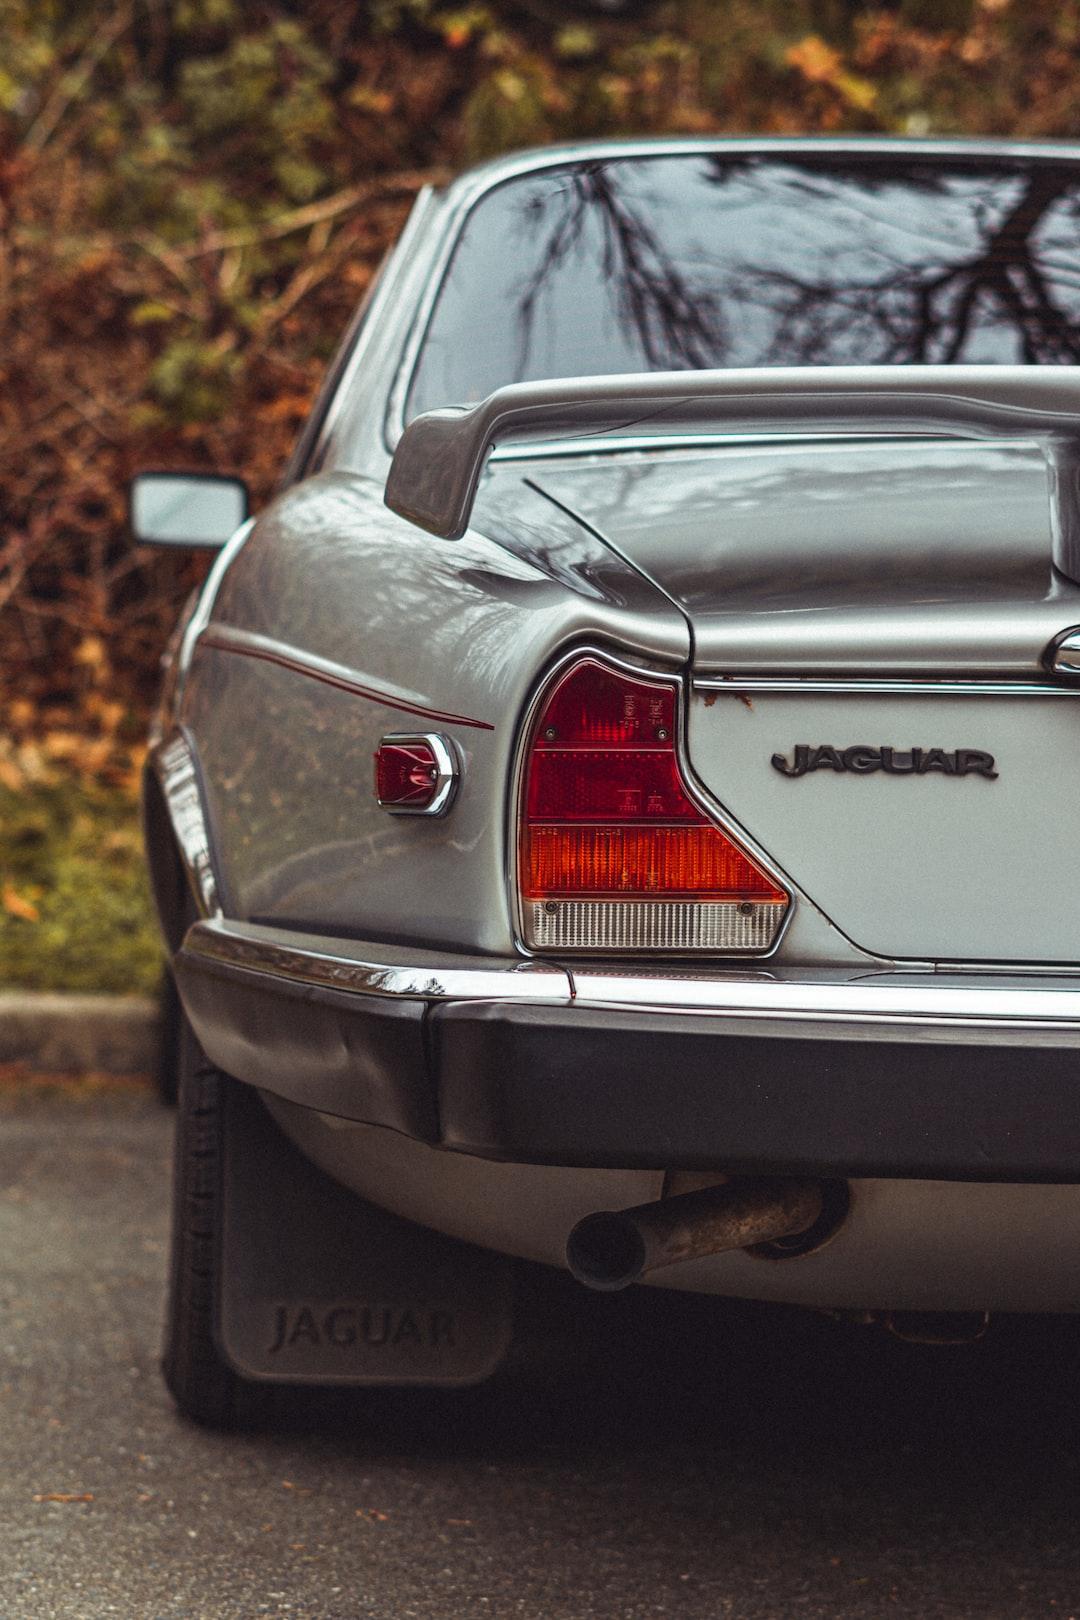 Parked Jaguar